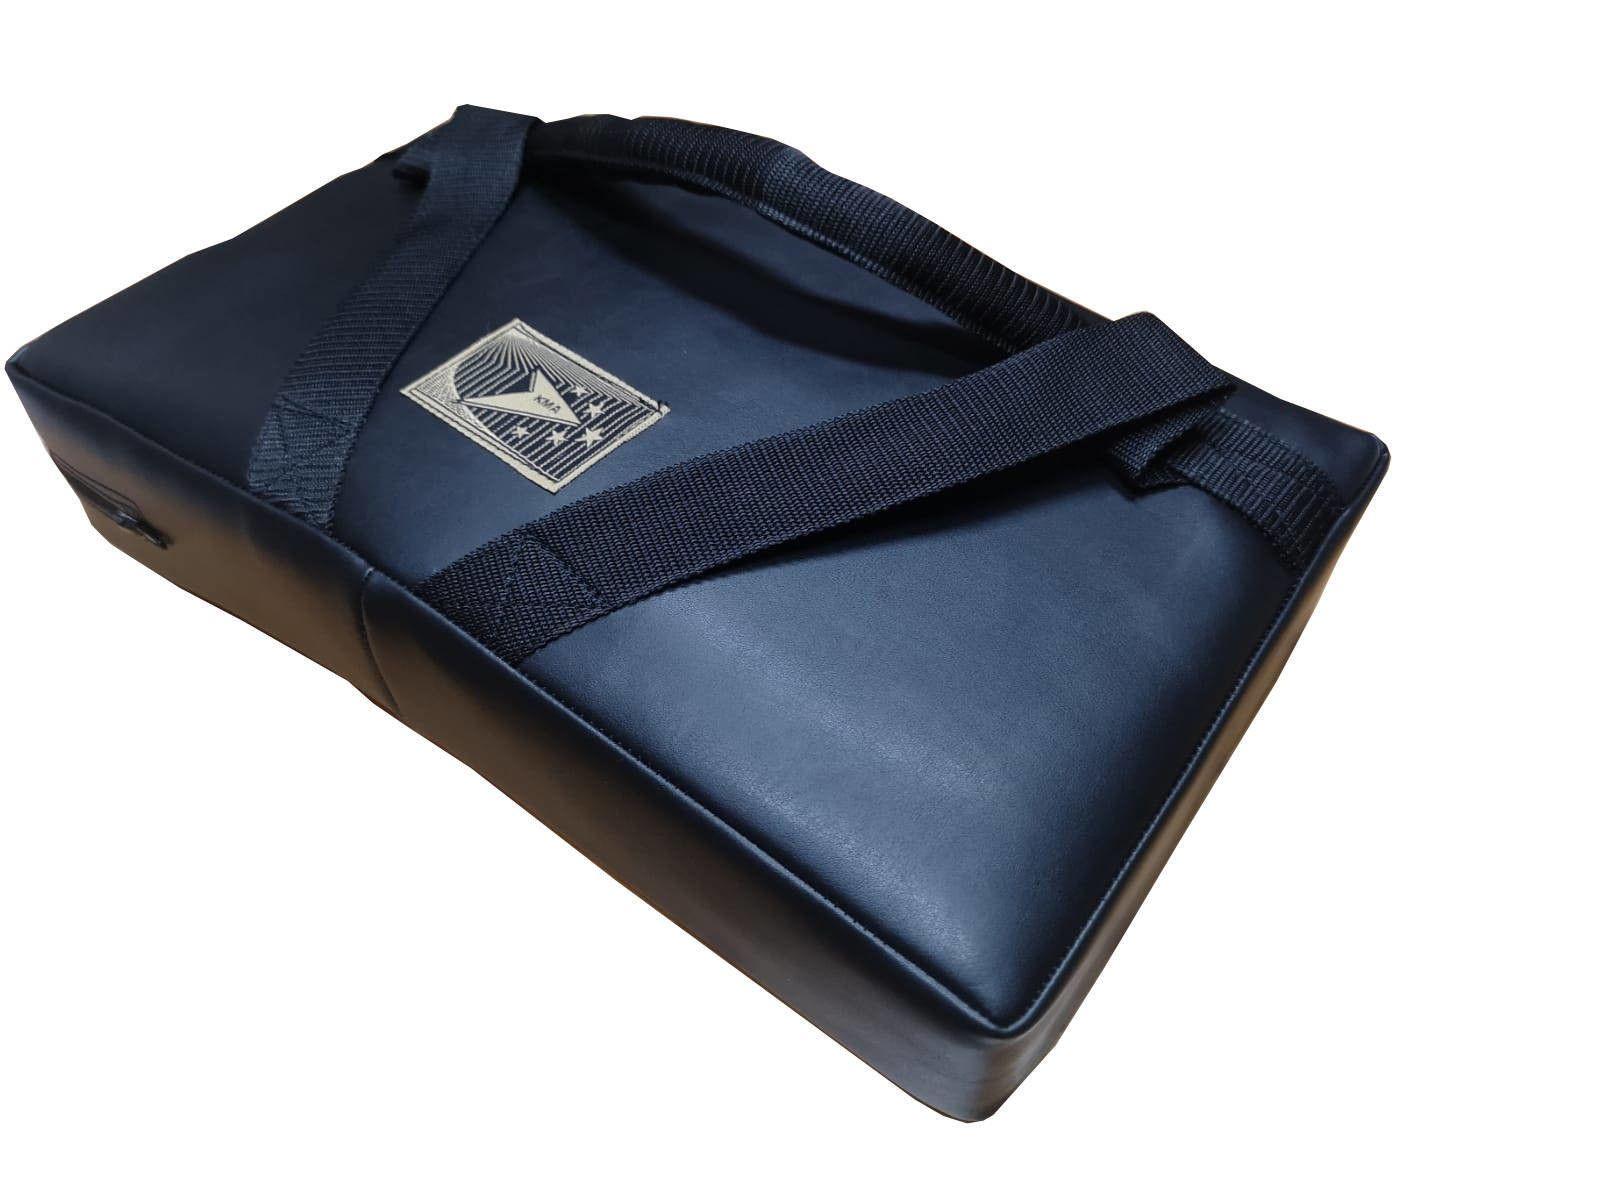 Master - Iranian Pad Shield Scudo per Taekwondo, Karate, per calci e pugni con più prese